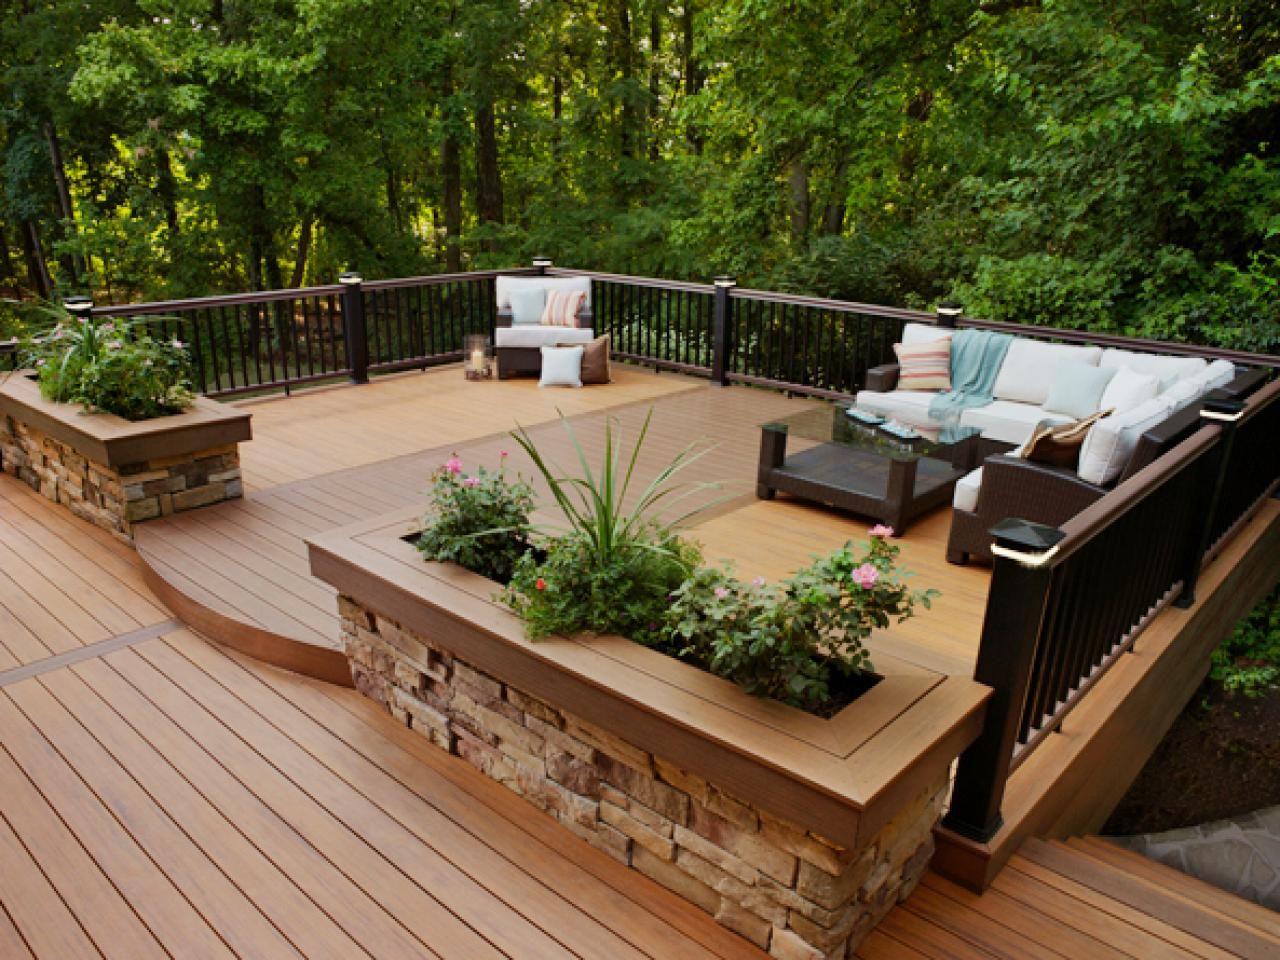 Deck Designs Ideas Pictures Deck Designs Backyard Small Backyard Decks Wooden Deck Designs